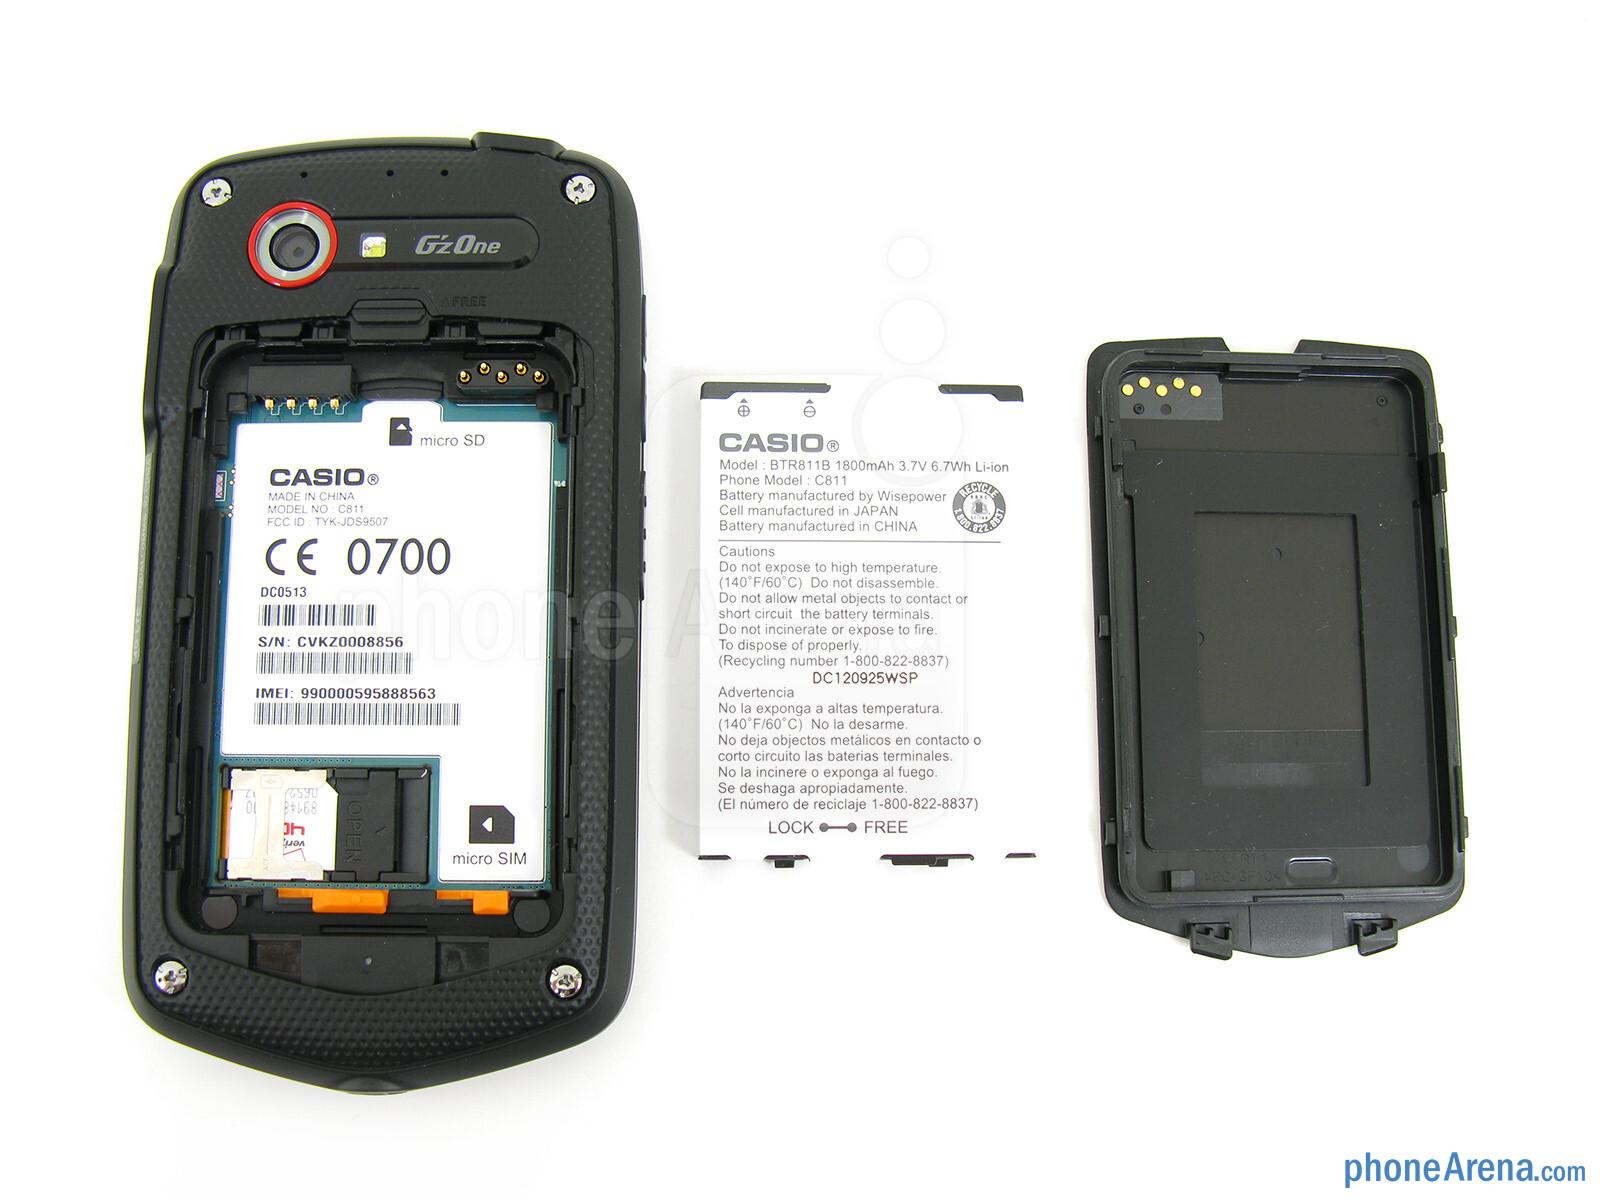 casio g zone commando 4g lte review